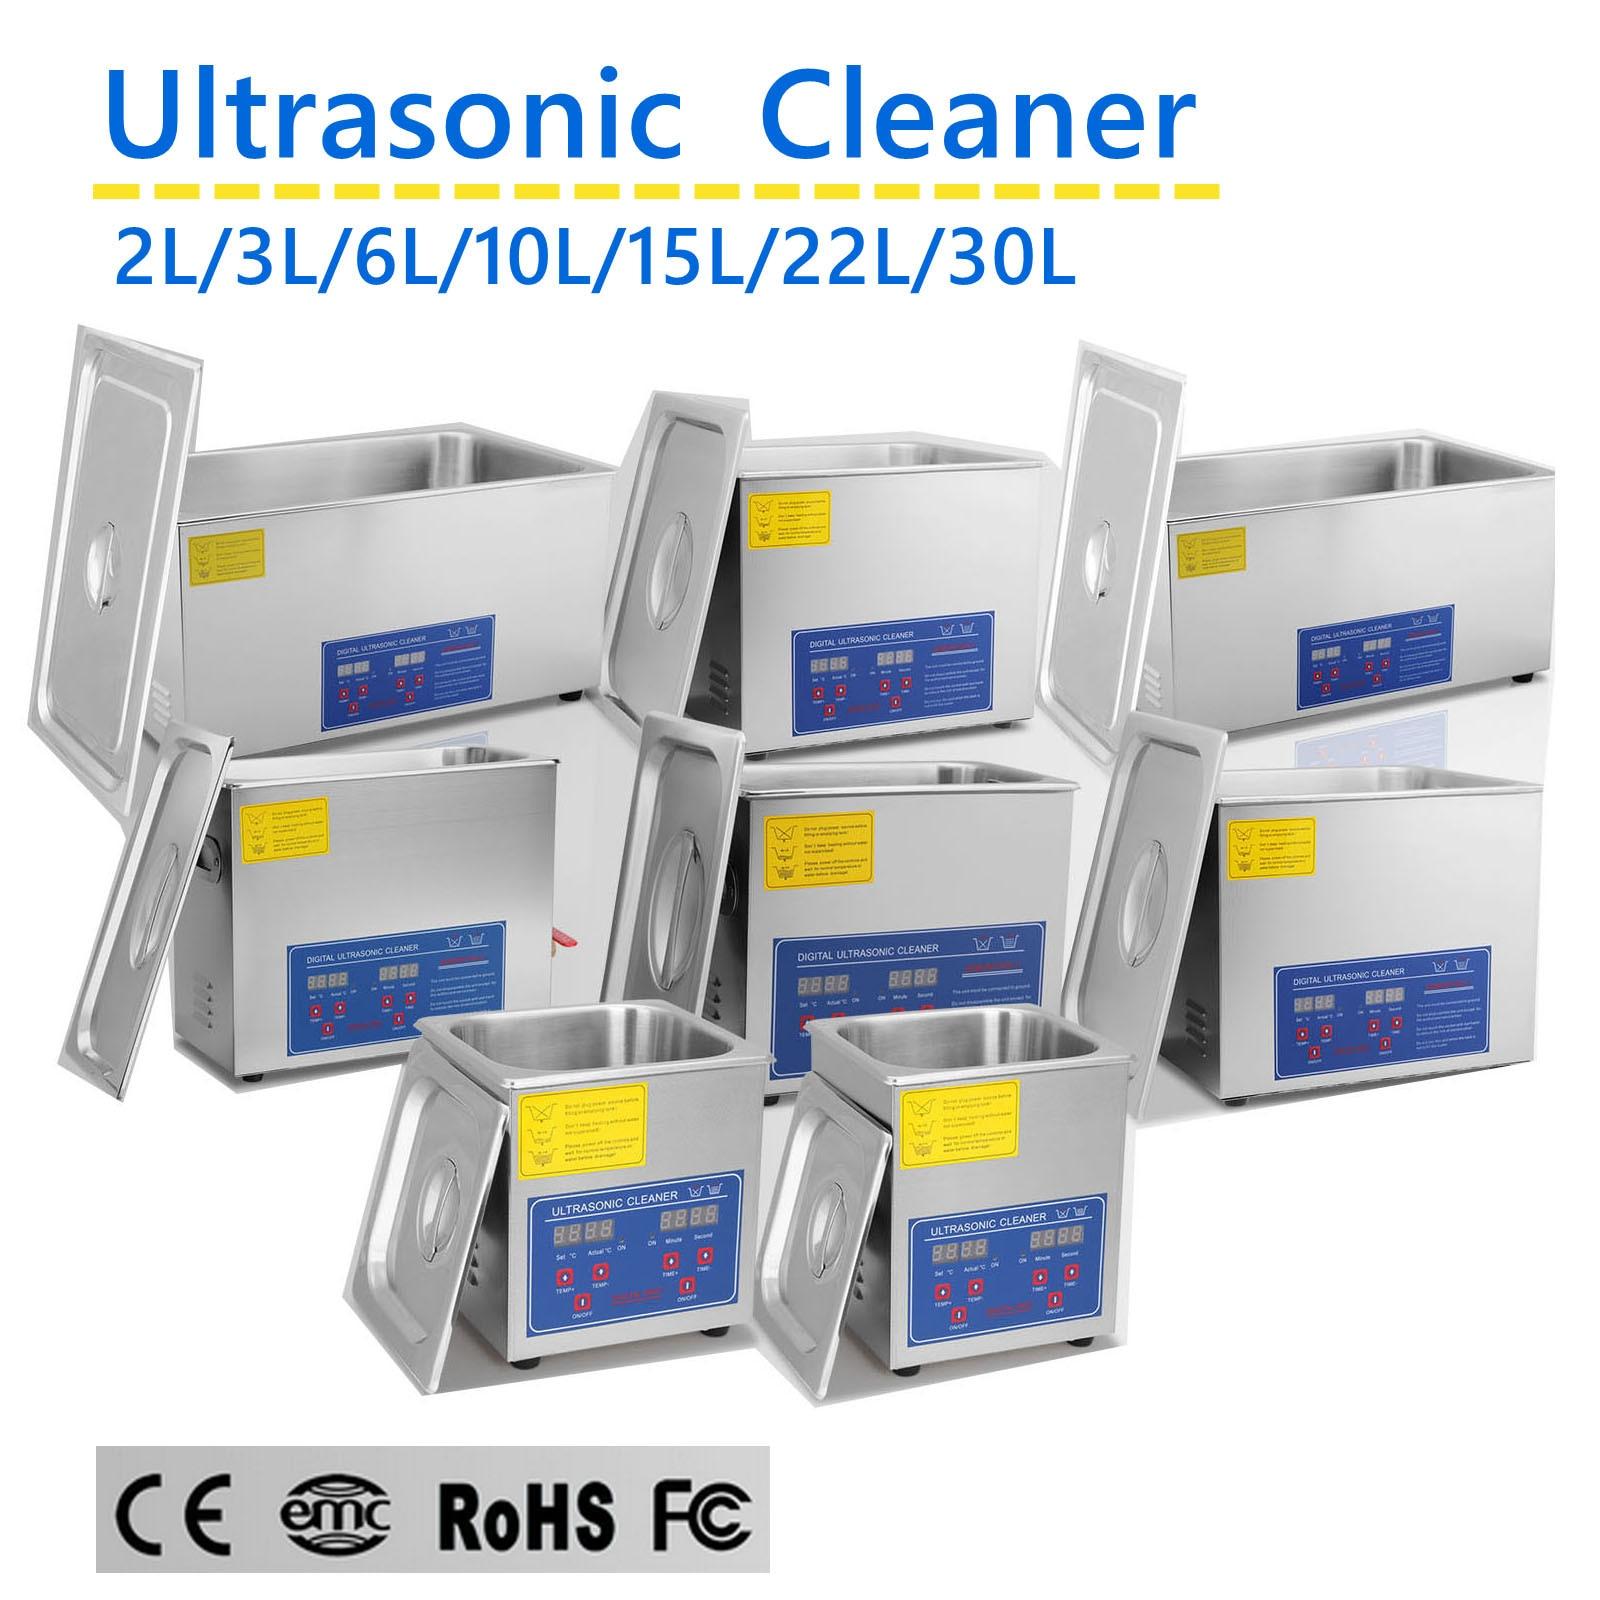 Ультразвуковой очиститель 600 Вт, 2 л/3 Л/6 л/10 л/15 л/22 л/30 л, с таймером, промышленное оборудование для очистки, из нержавеющей стали